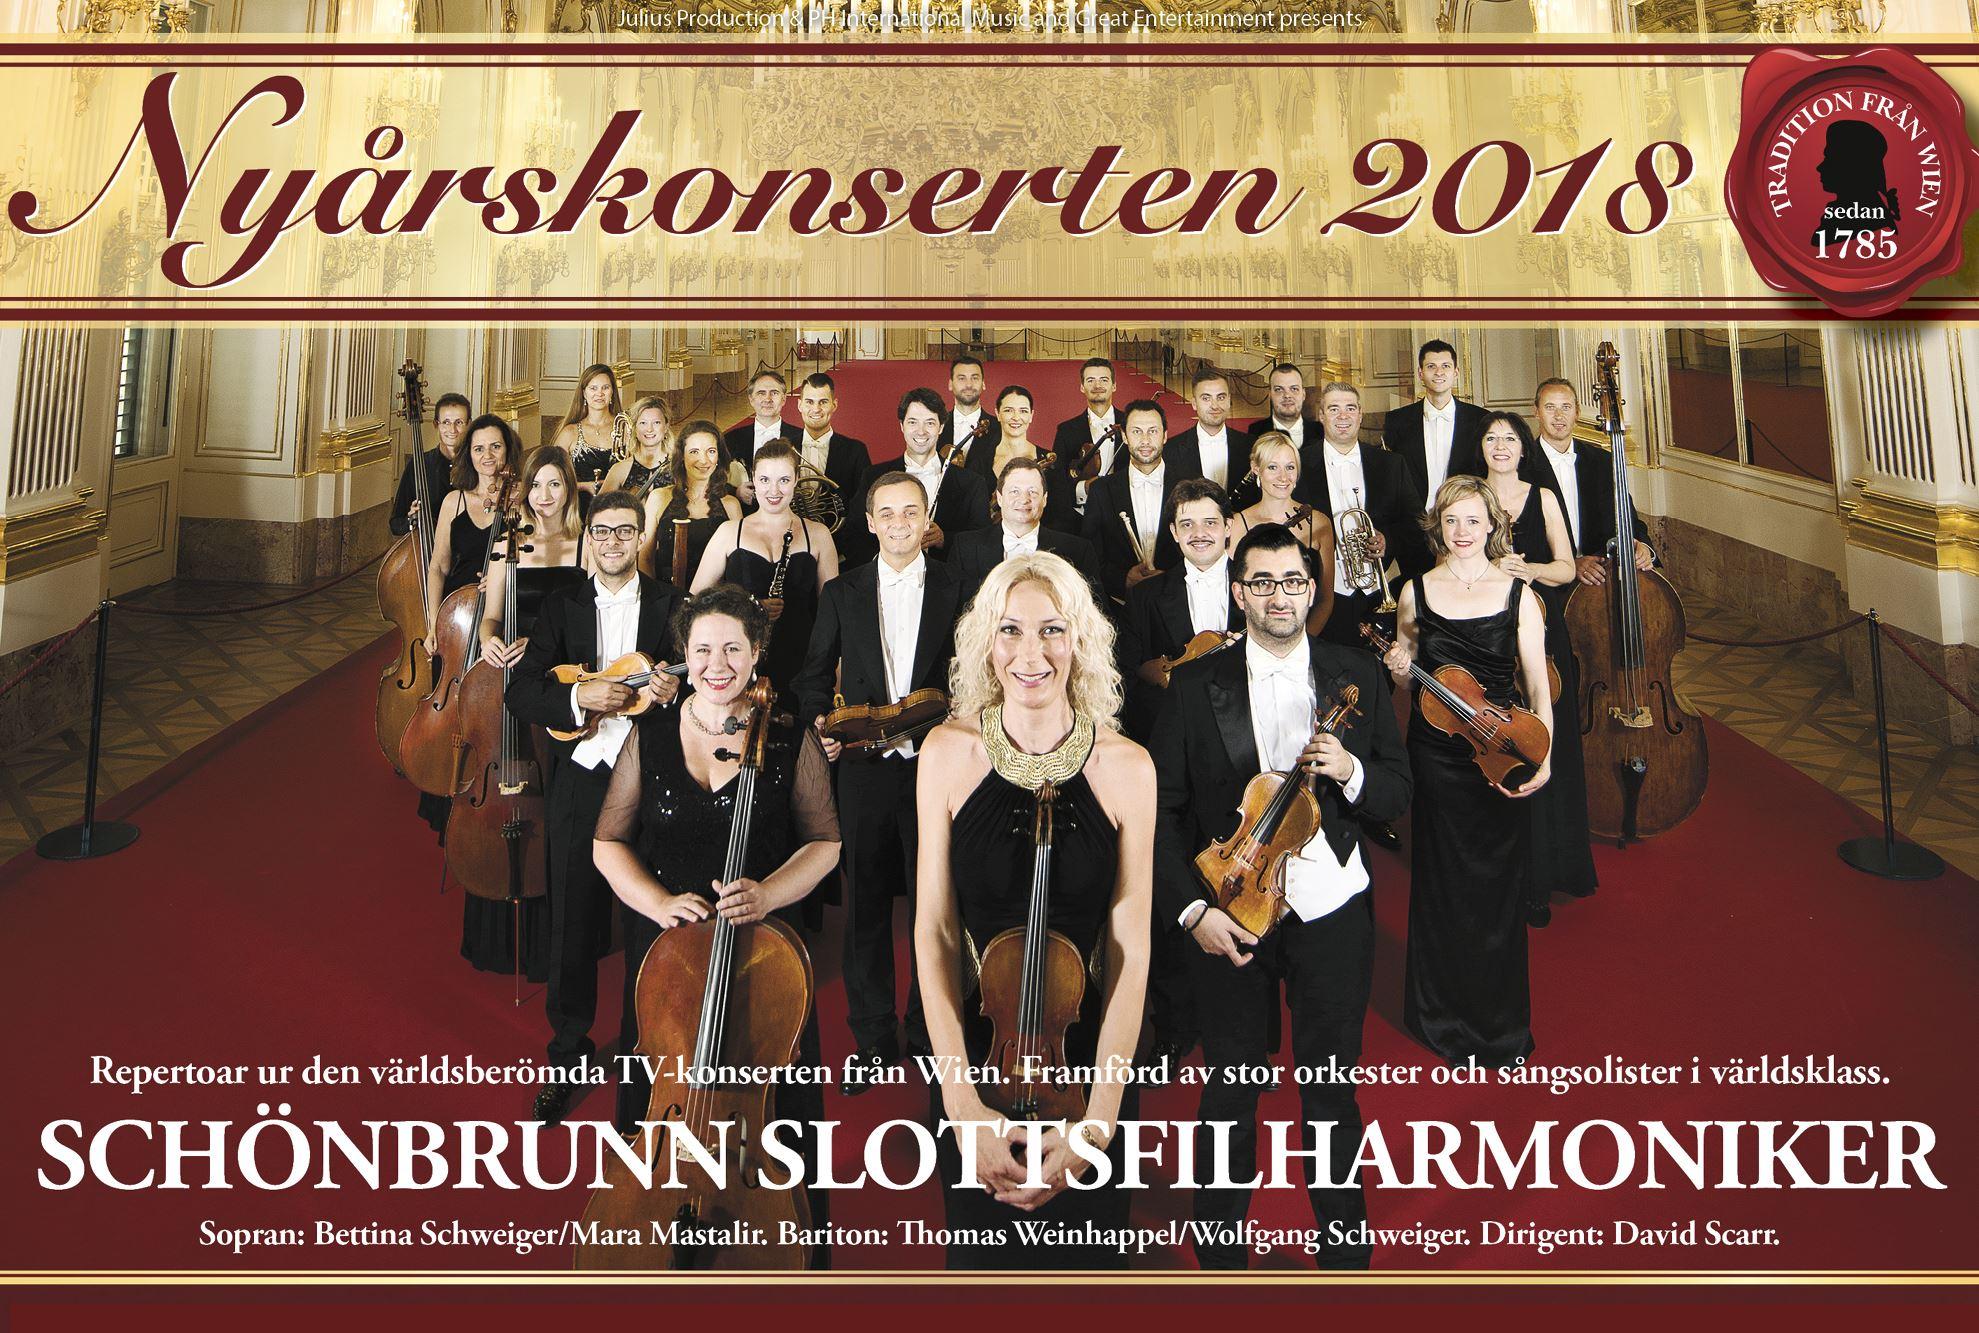 Musik: Nyårskonserten 2018 - Schönbrunns Slottsfilharmoniker, Wien